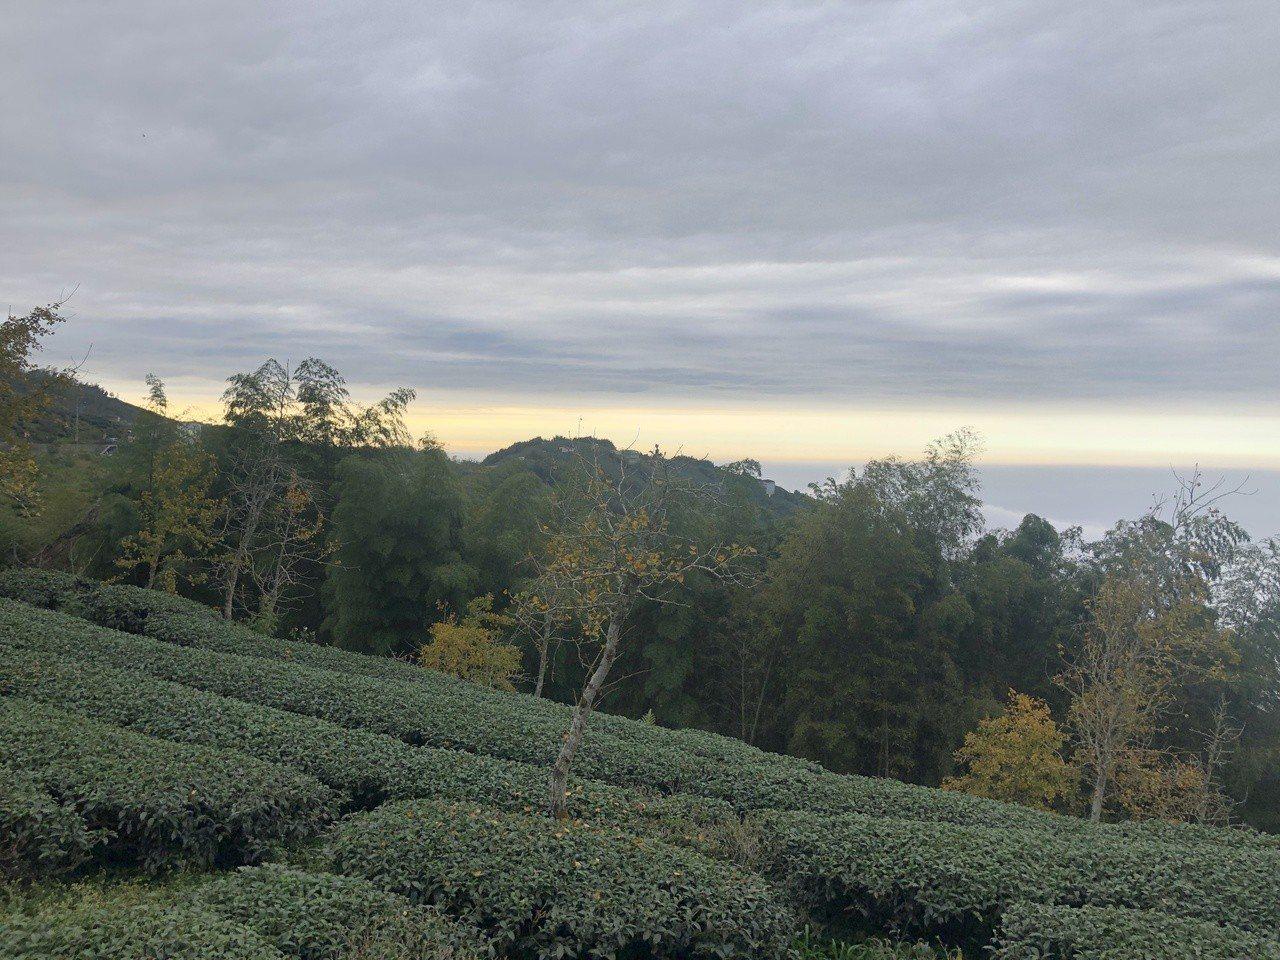 南投縣高山茶、烏龍茶聞名,茶葉採收季節需要大量人力,缺工問題嚴重,希望農委會也趕...